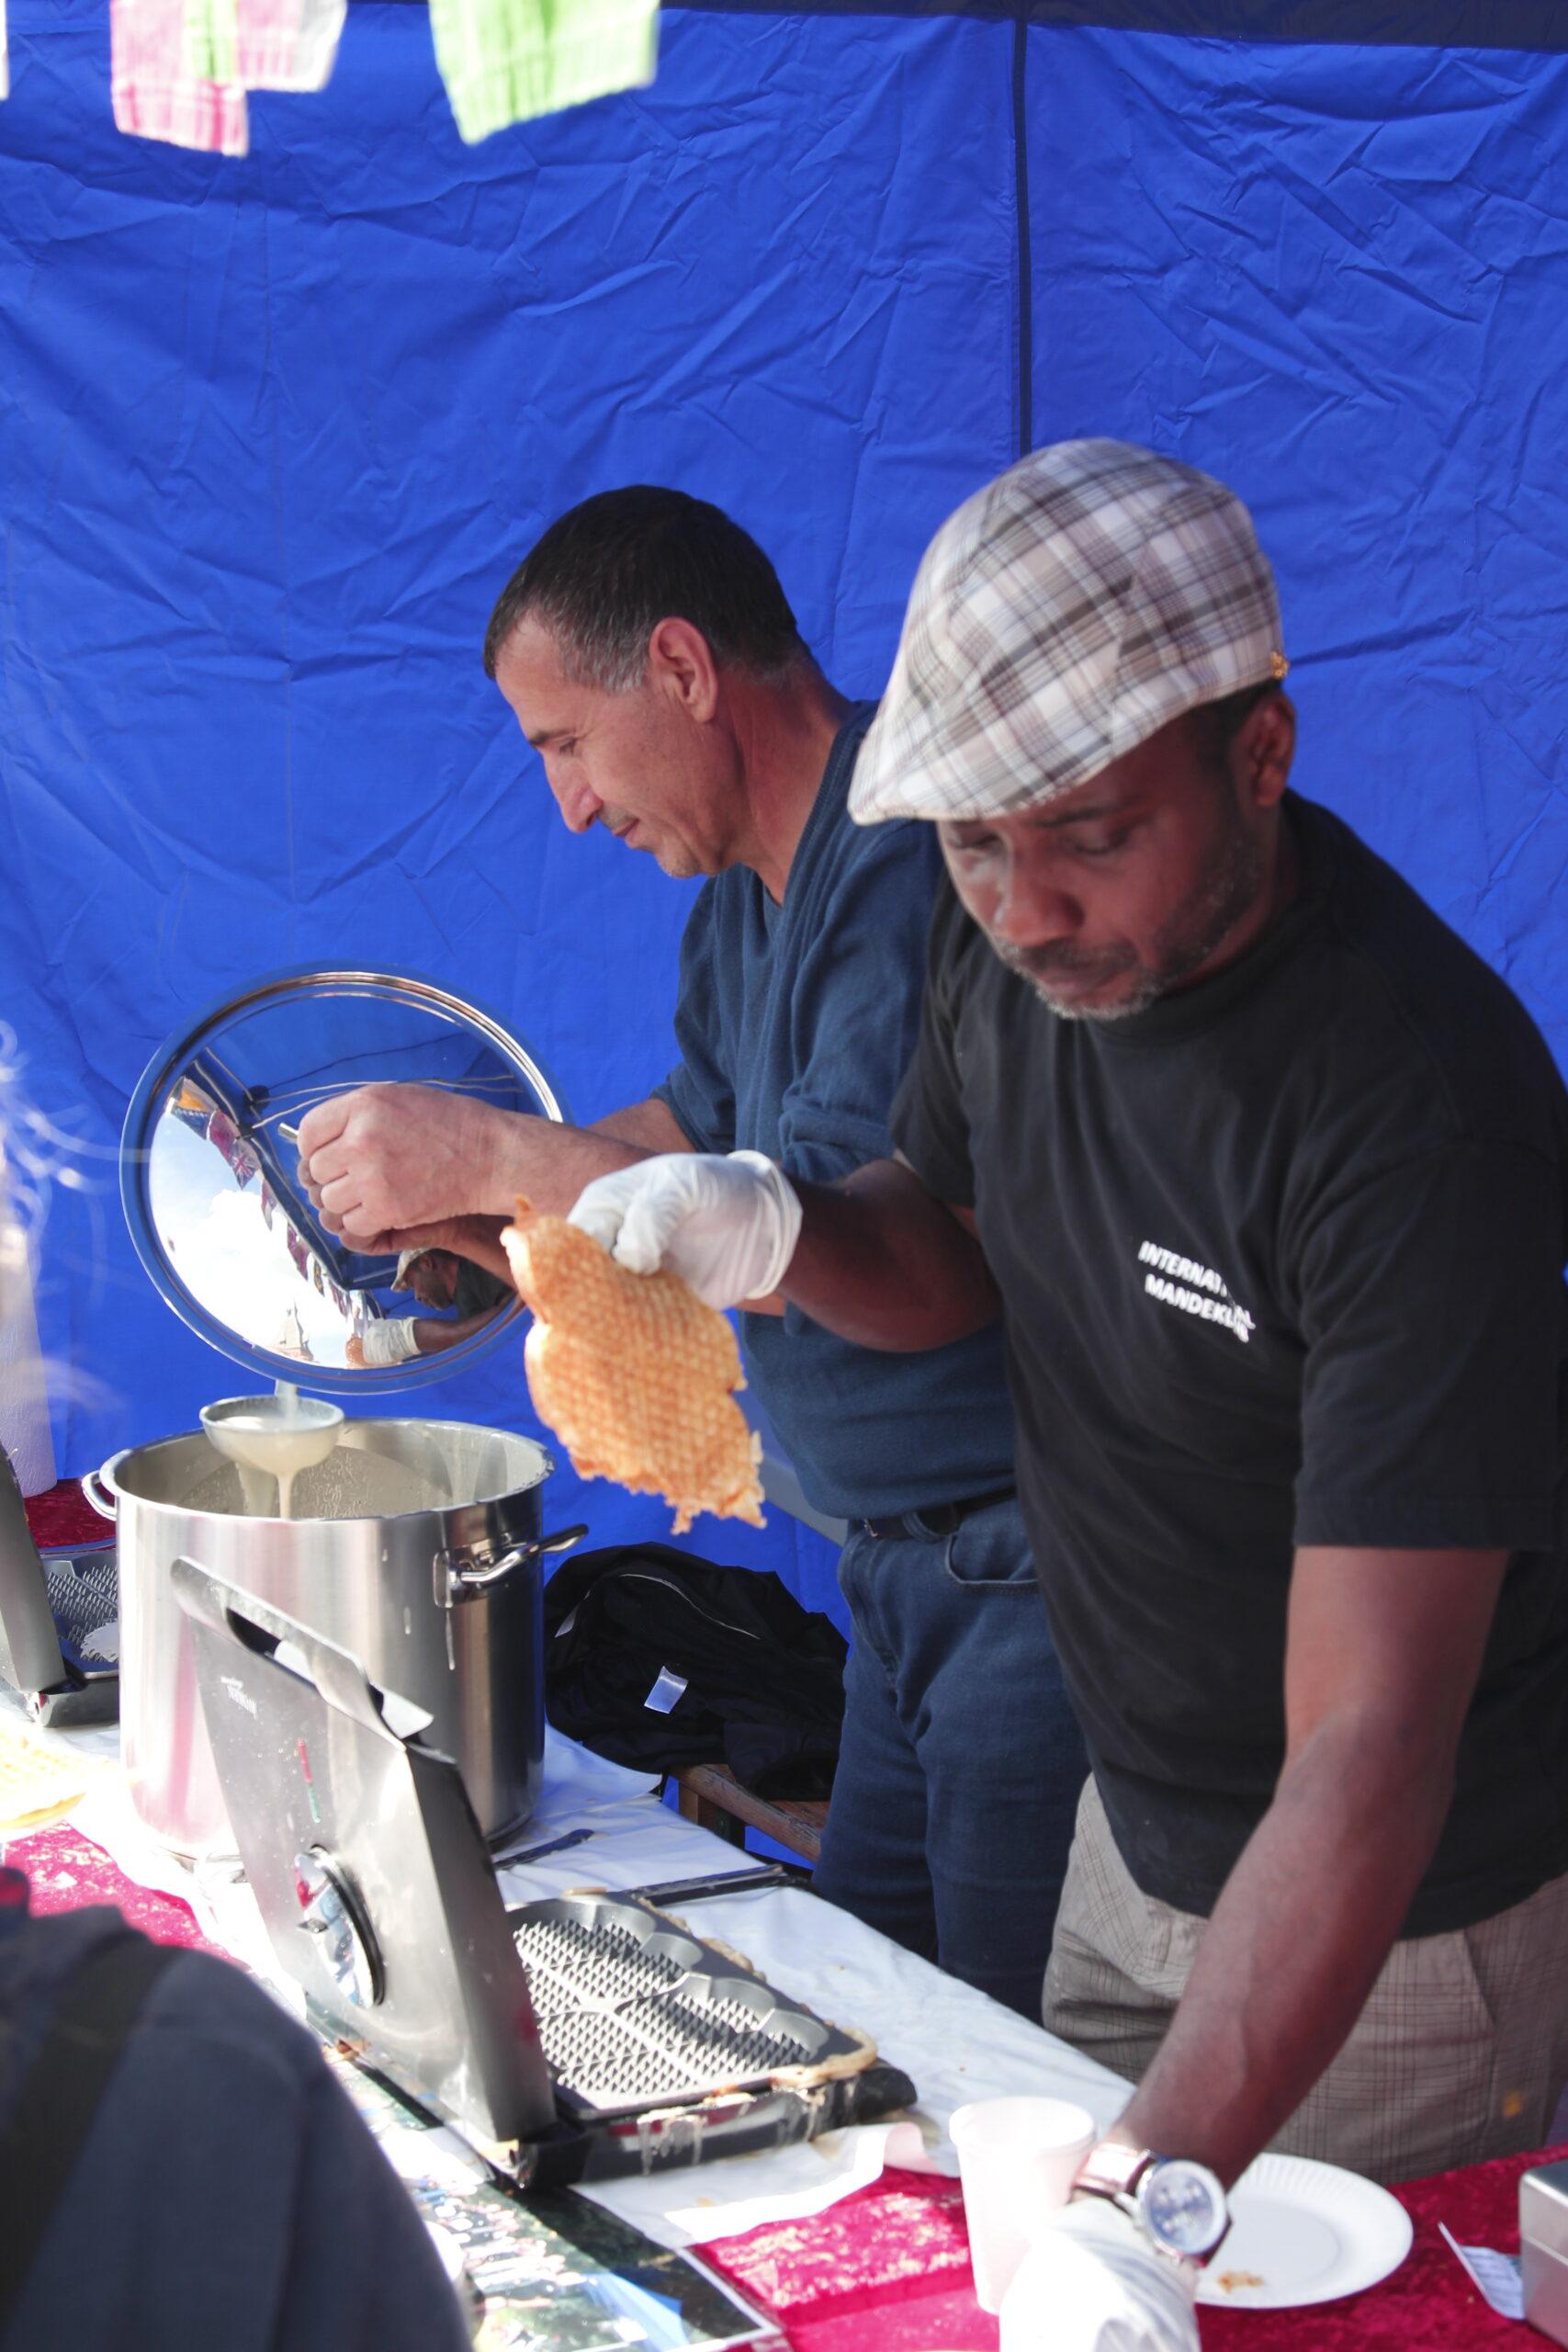 To mænd, én fra Kongo og en fra Iran står og laver vafler i en bod på International Day.